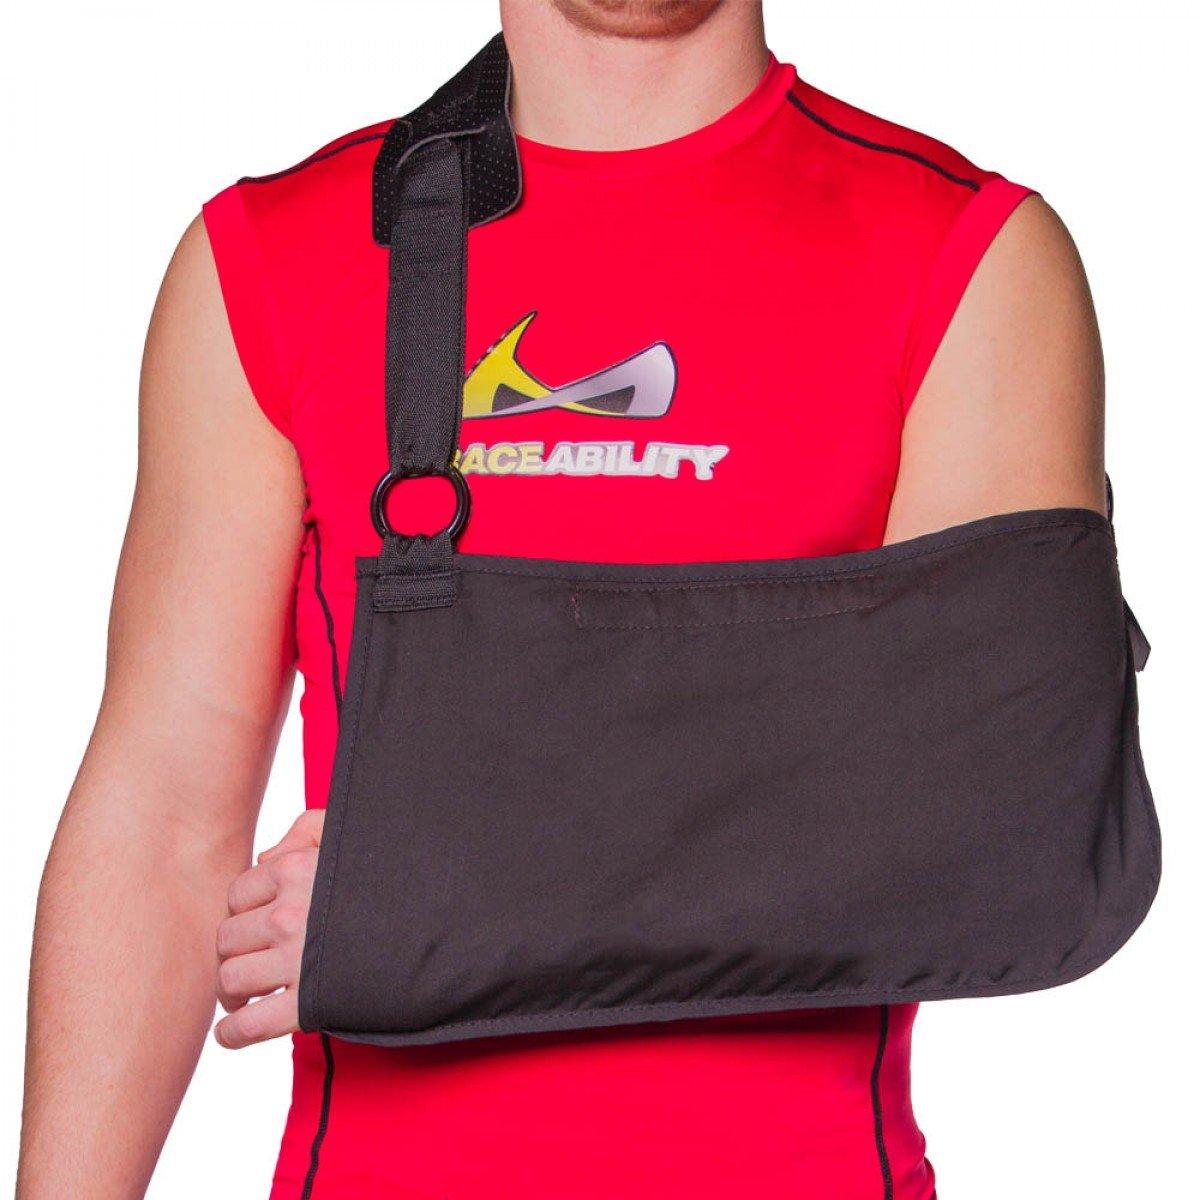 Cradle Arm & Shoulder Medical Sling